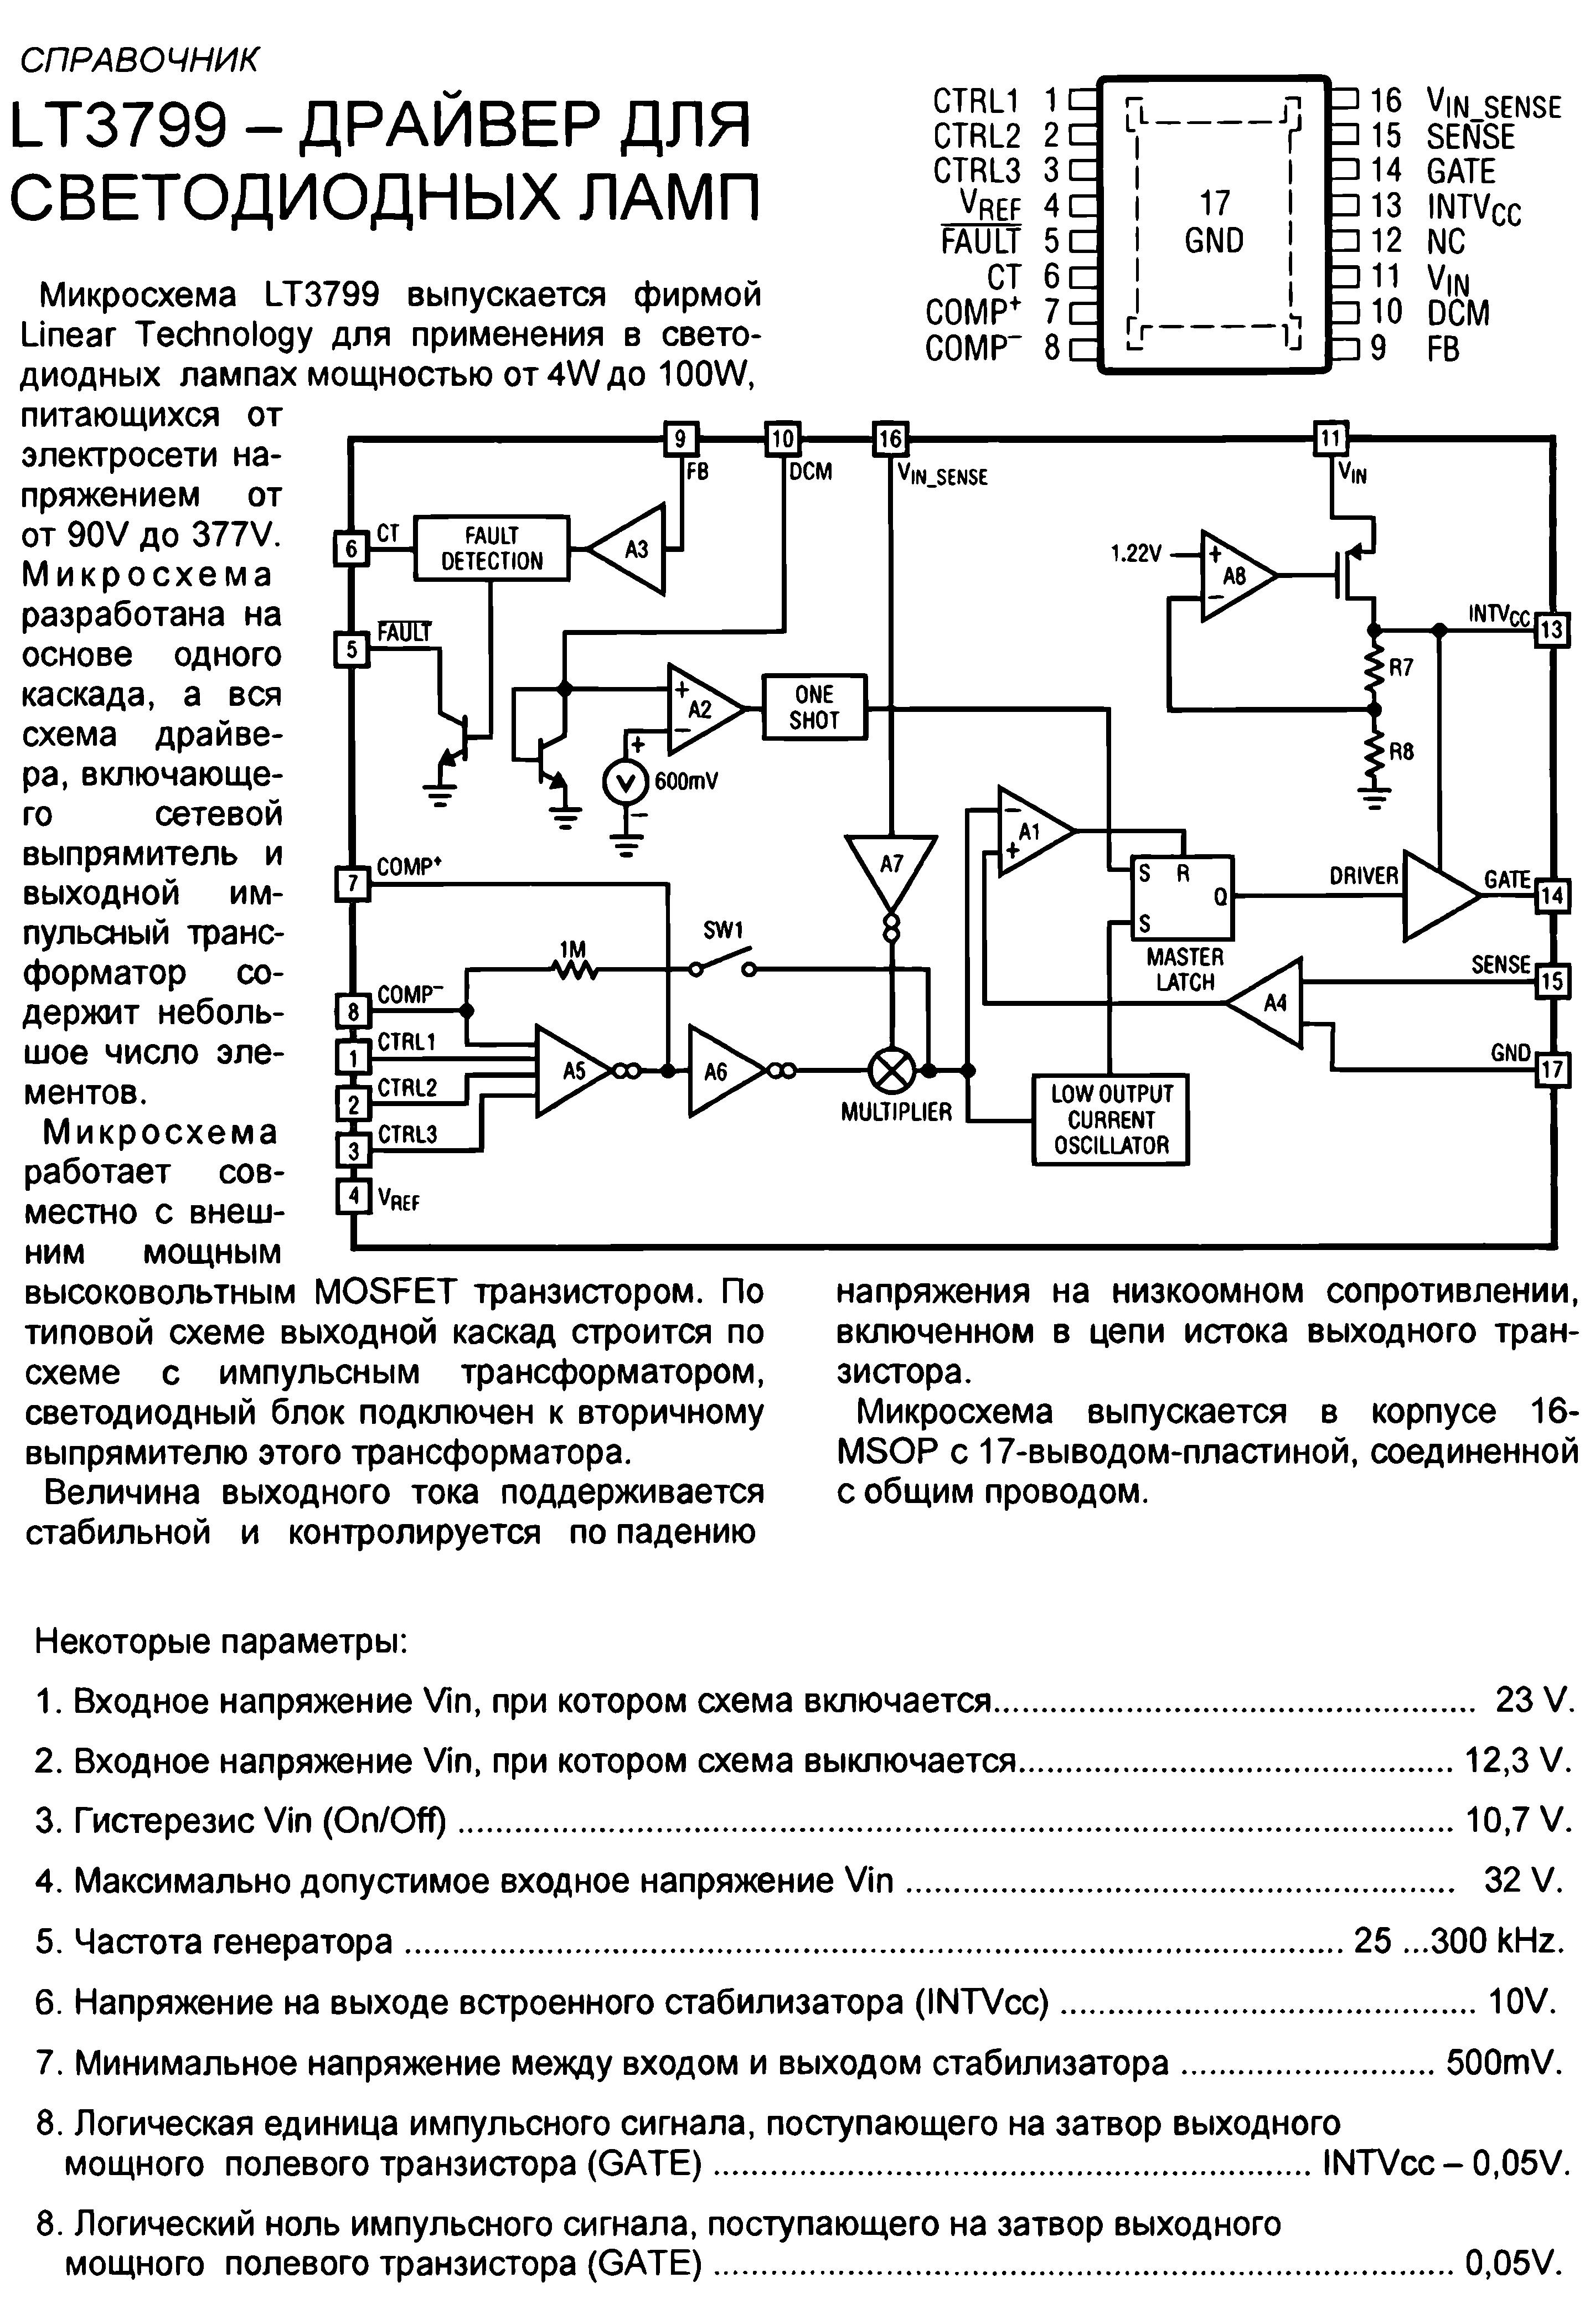 Драйвера для светодиодных ламп